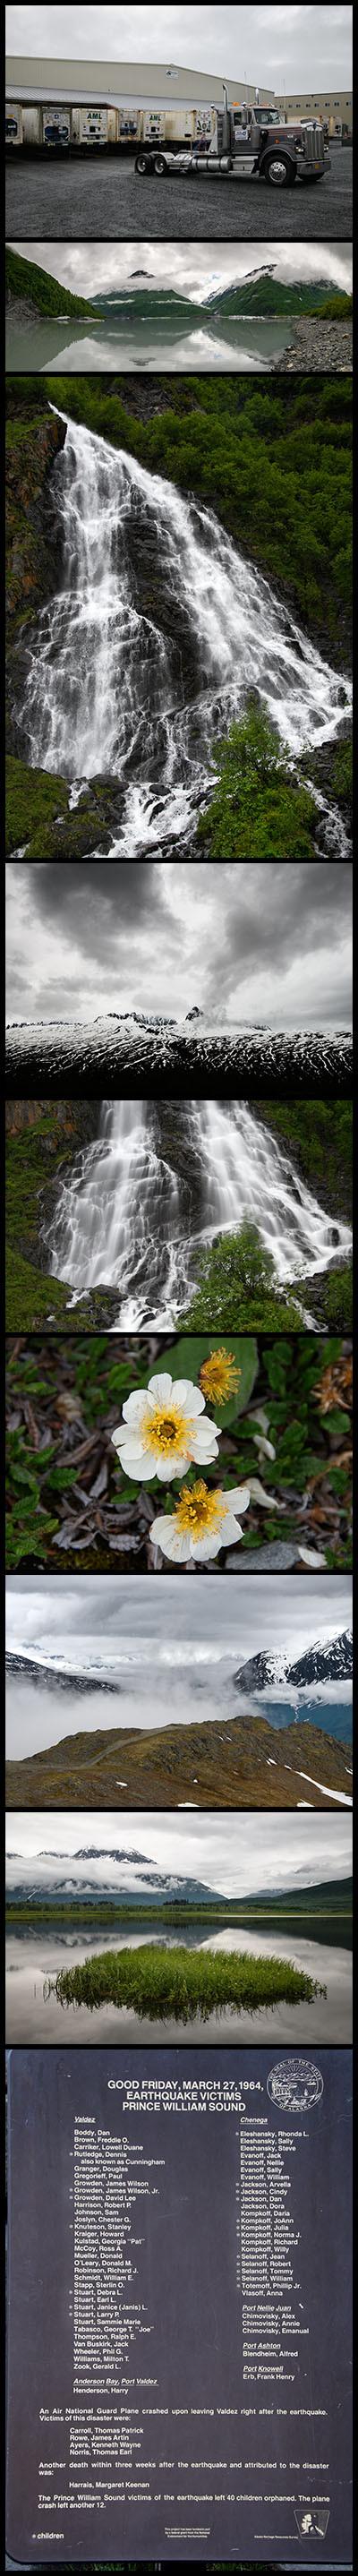 Hintergundstreifen-Valdez.jpg